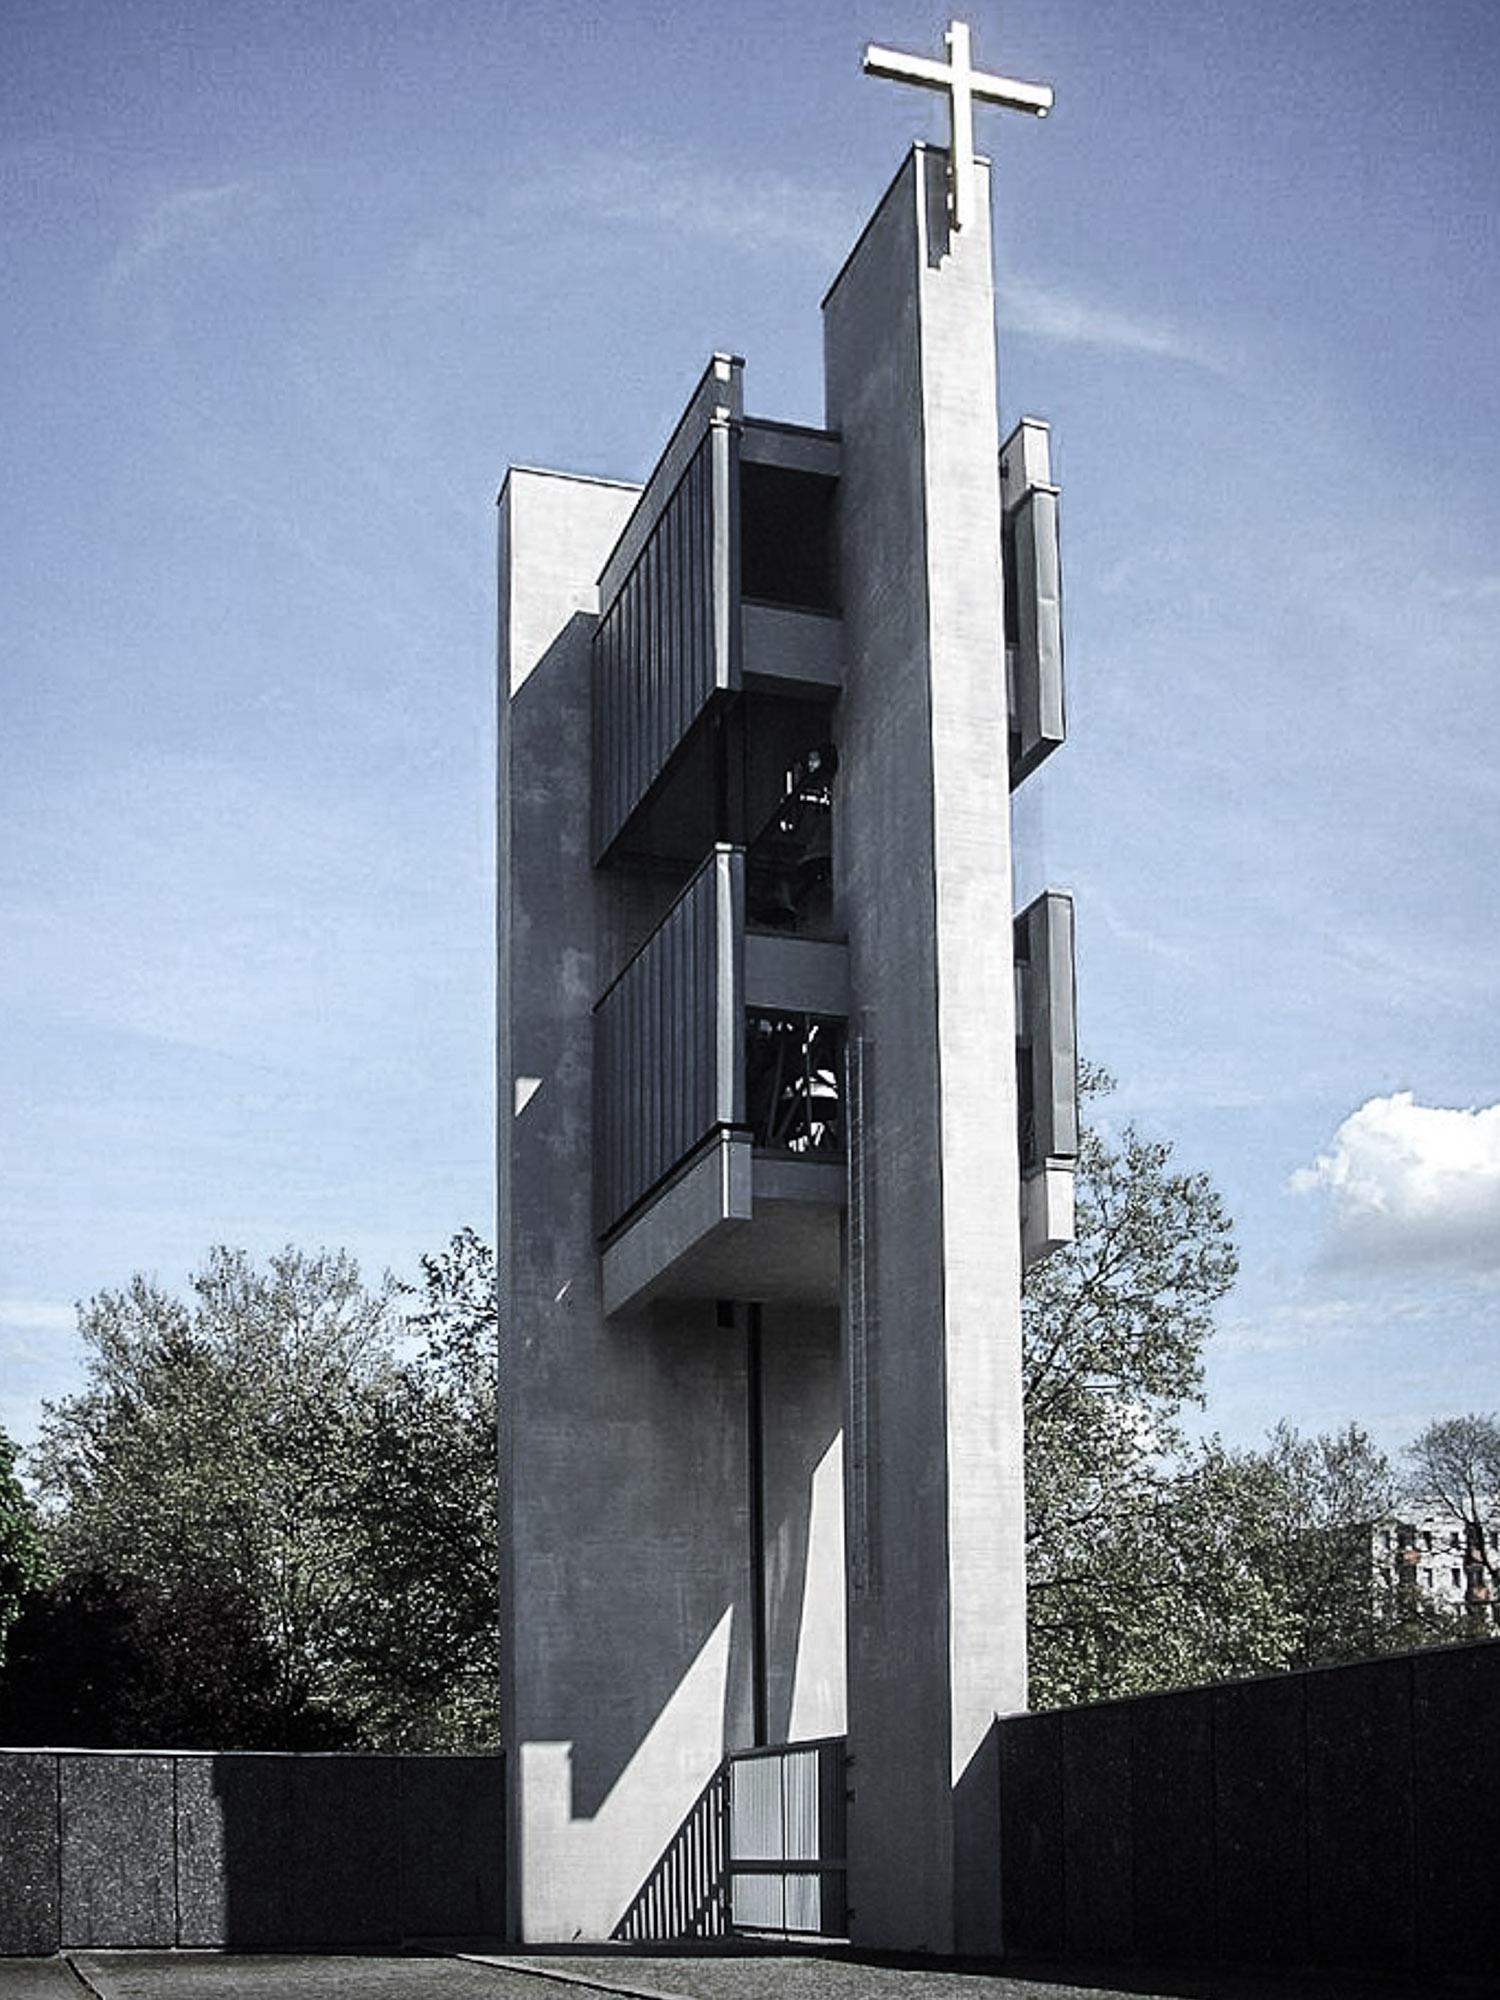 LocalLegends_StuartDryburgh_PlacemakingWB Aeon Flux - berlin images (4).jpg